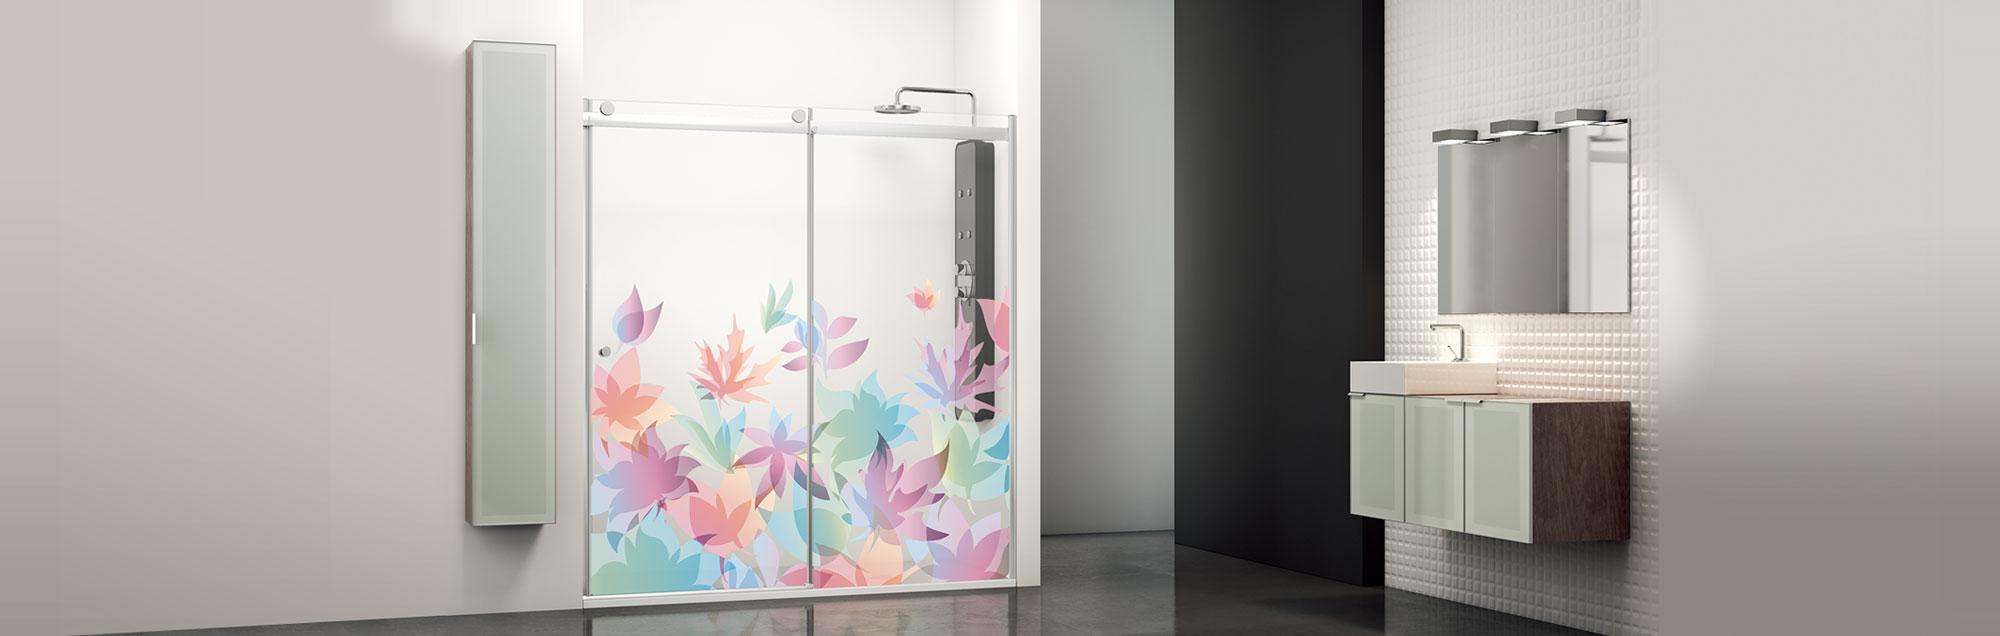 Mamparas Para Baño A Medida:Serie Select/Moon de mamparas correderas de baño a medida